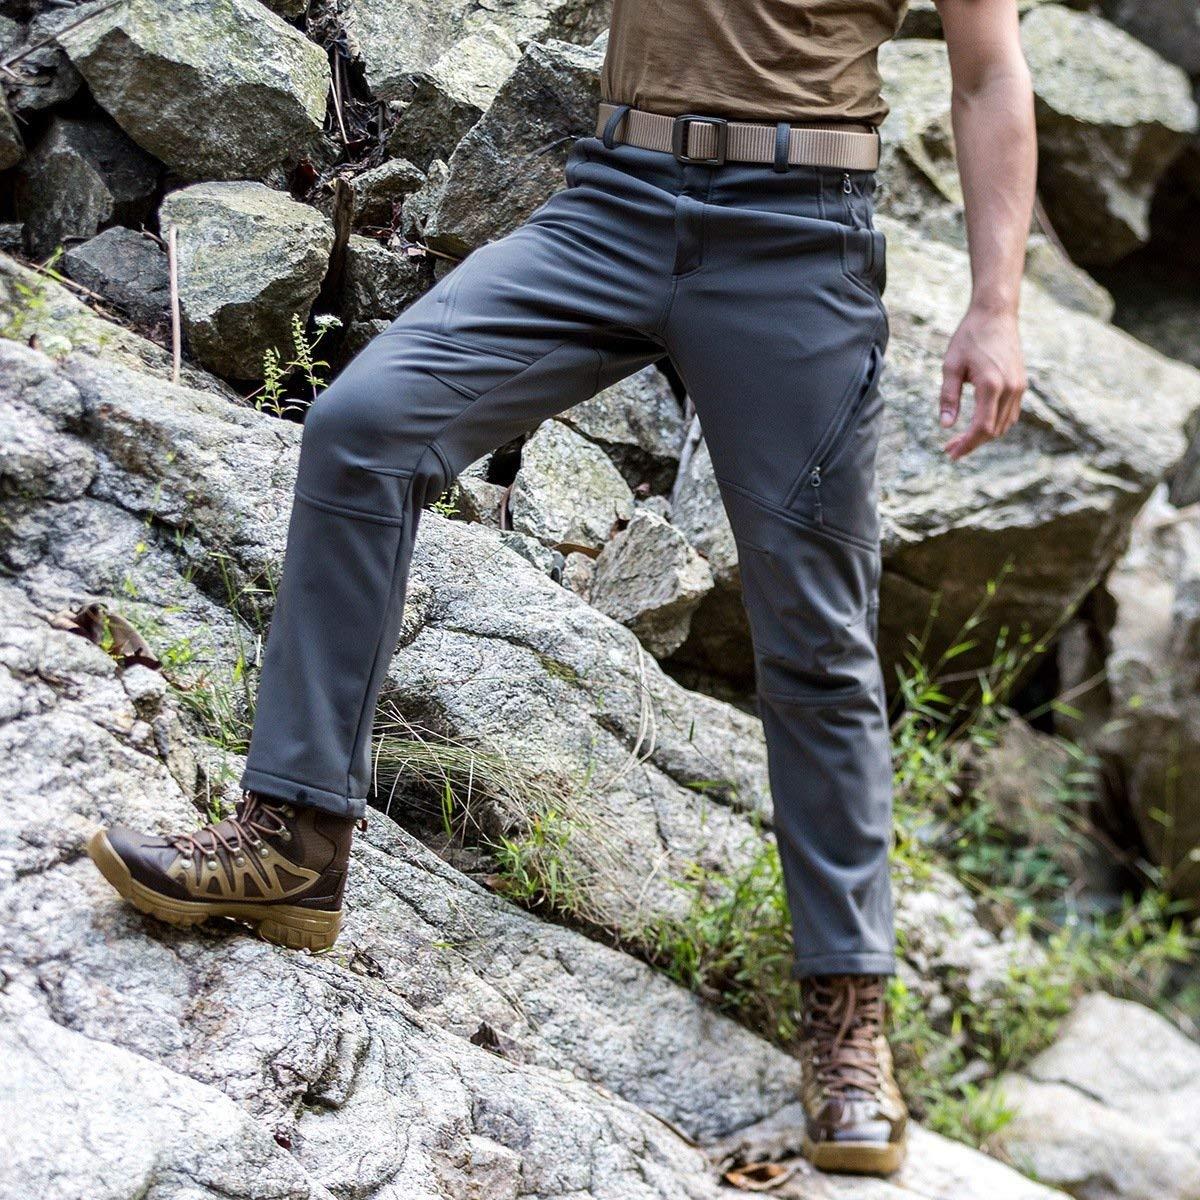 FREE SOLDIER para Escalada y Senderismo Impermeables y Cortavientos Pantalones Softshell para Hombre con Forro